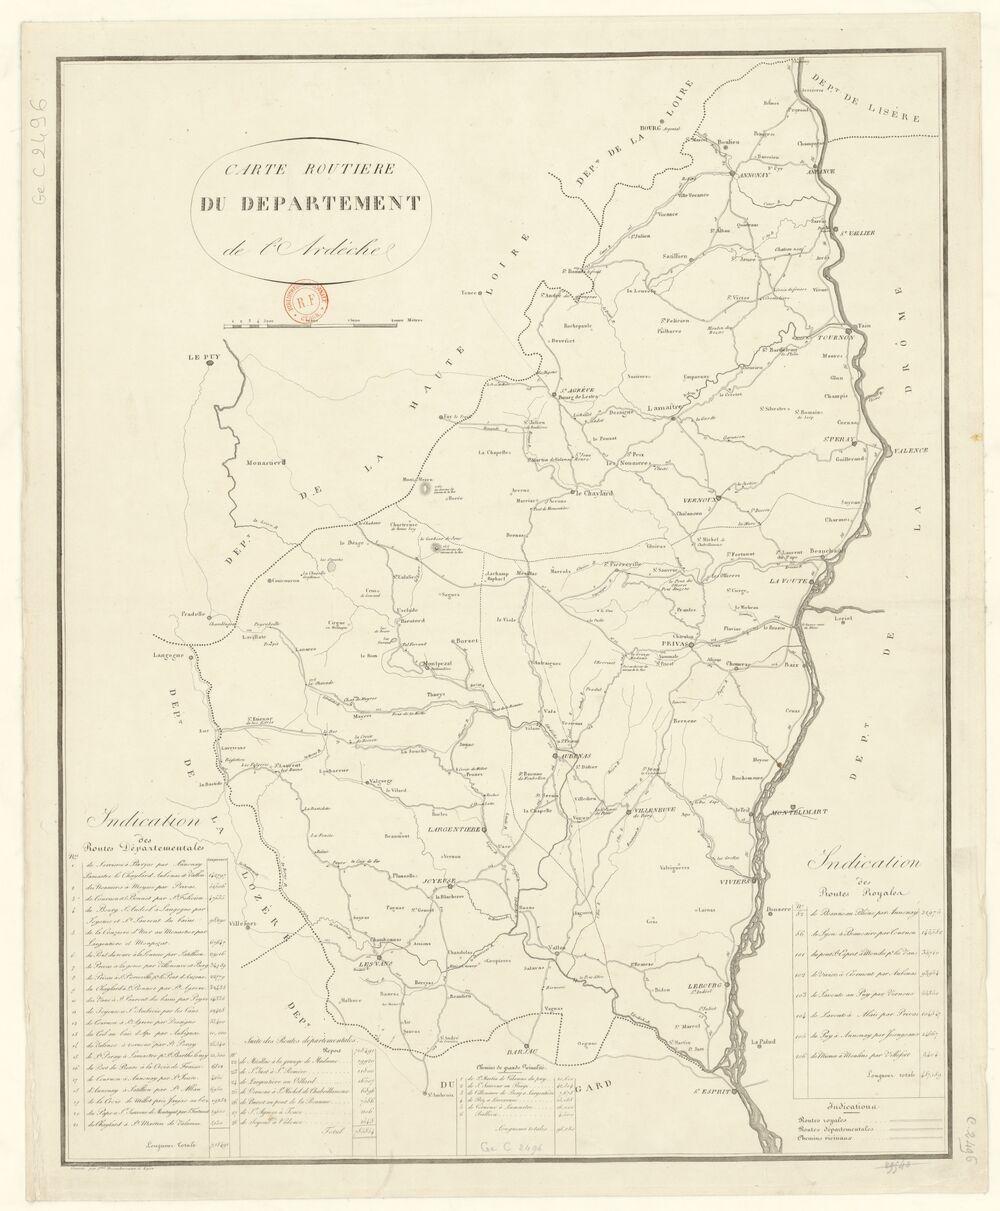 Carte routière du département de l'Ardèche